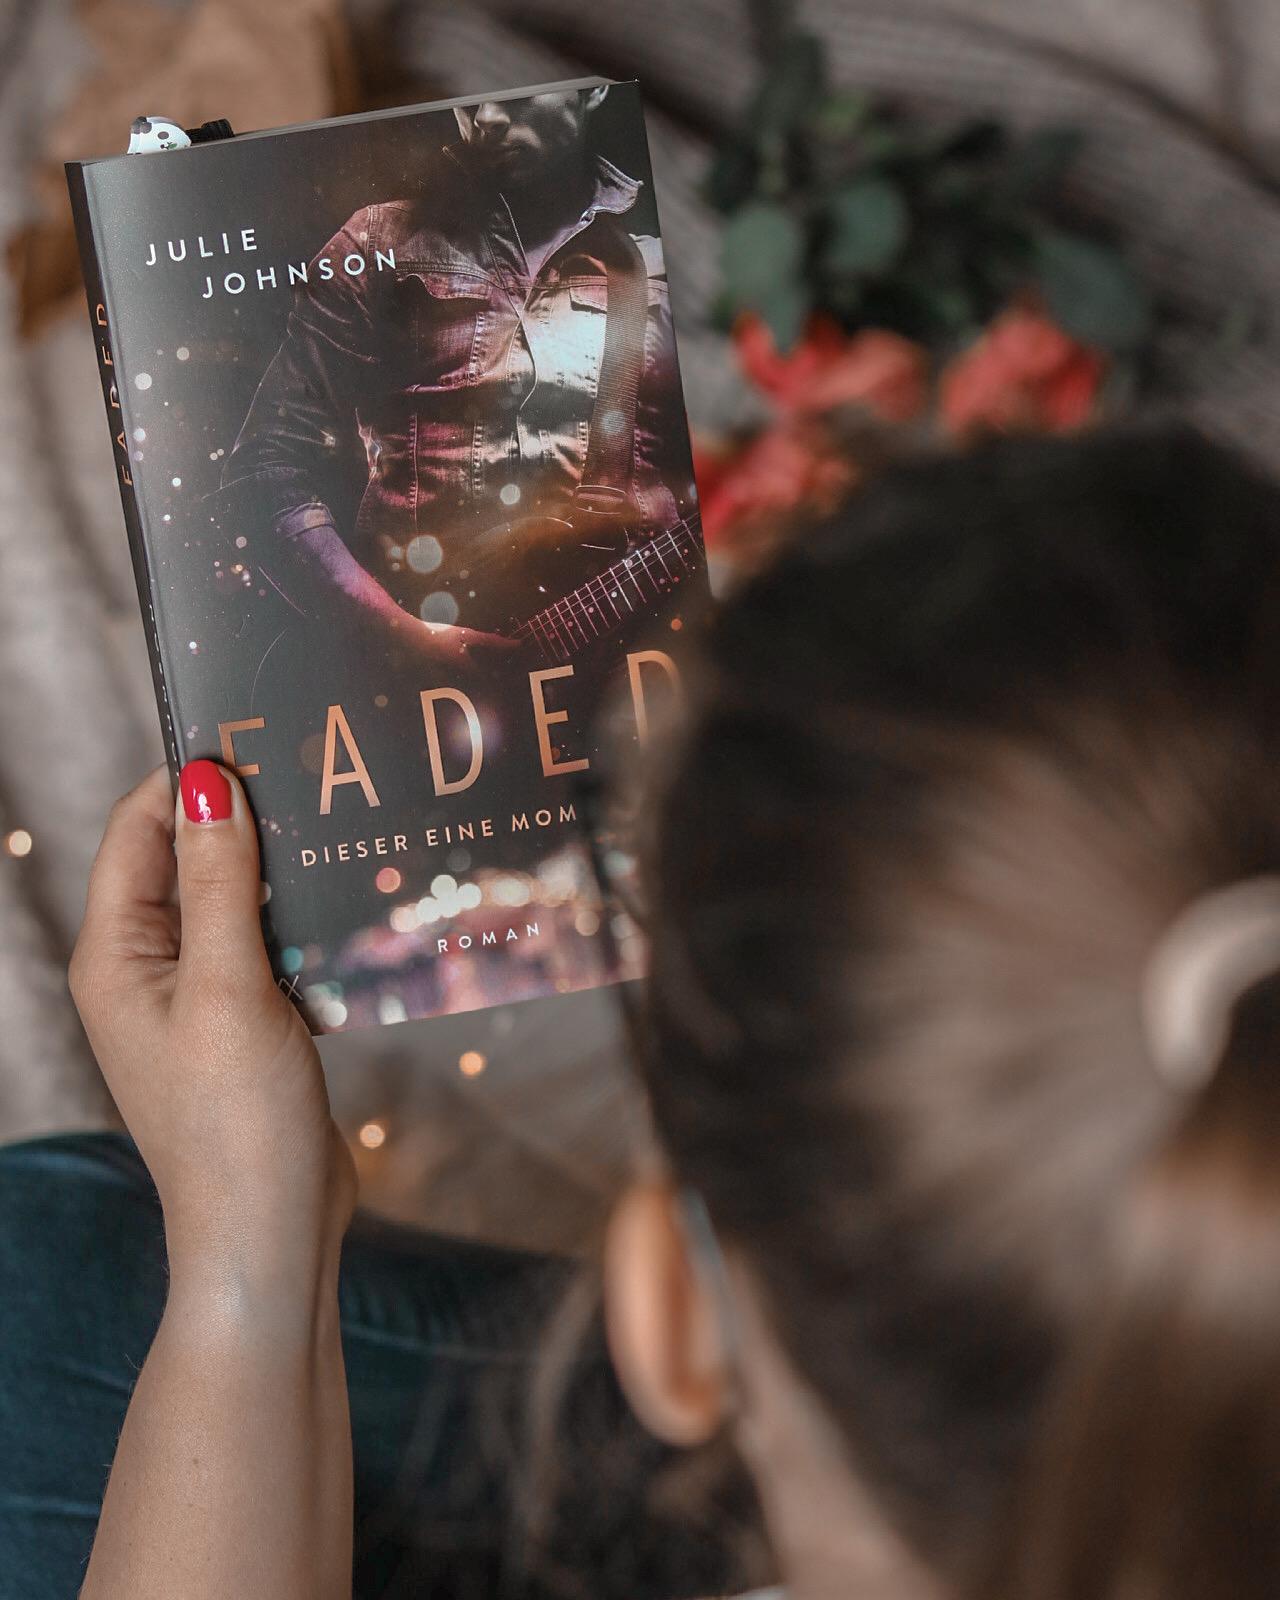 Faded – Dieser eine Moment | Julie Johnson